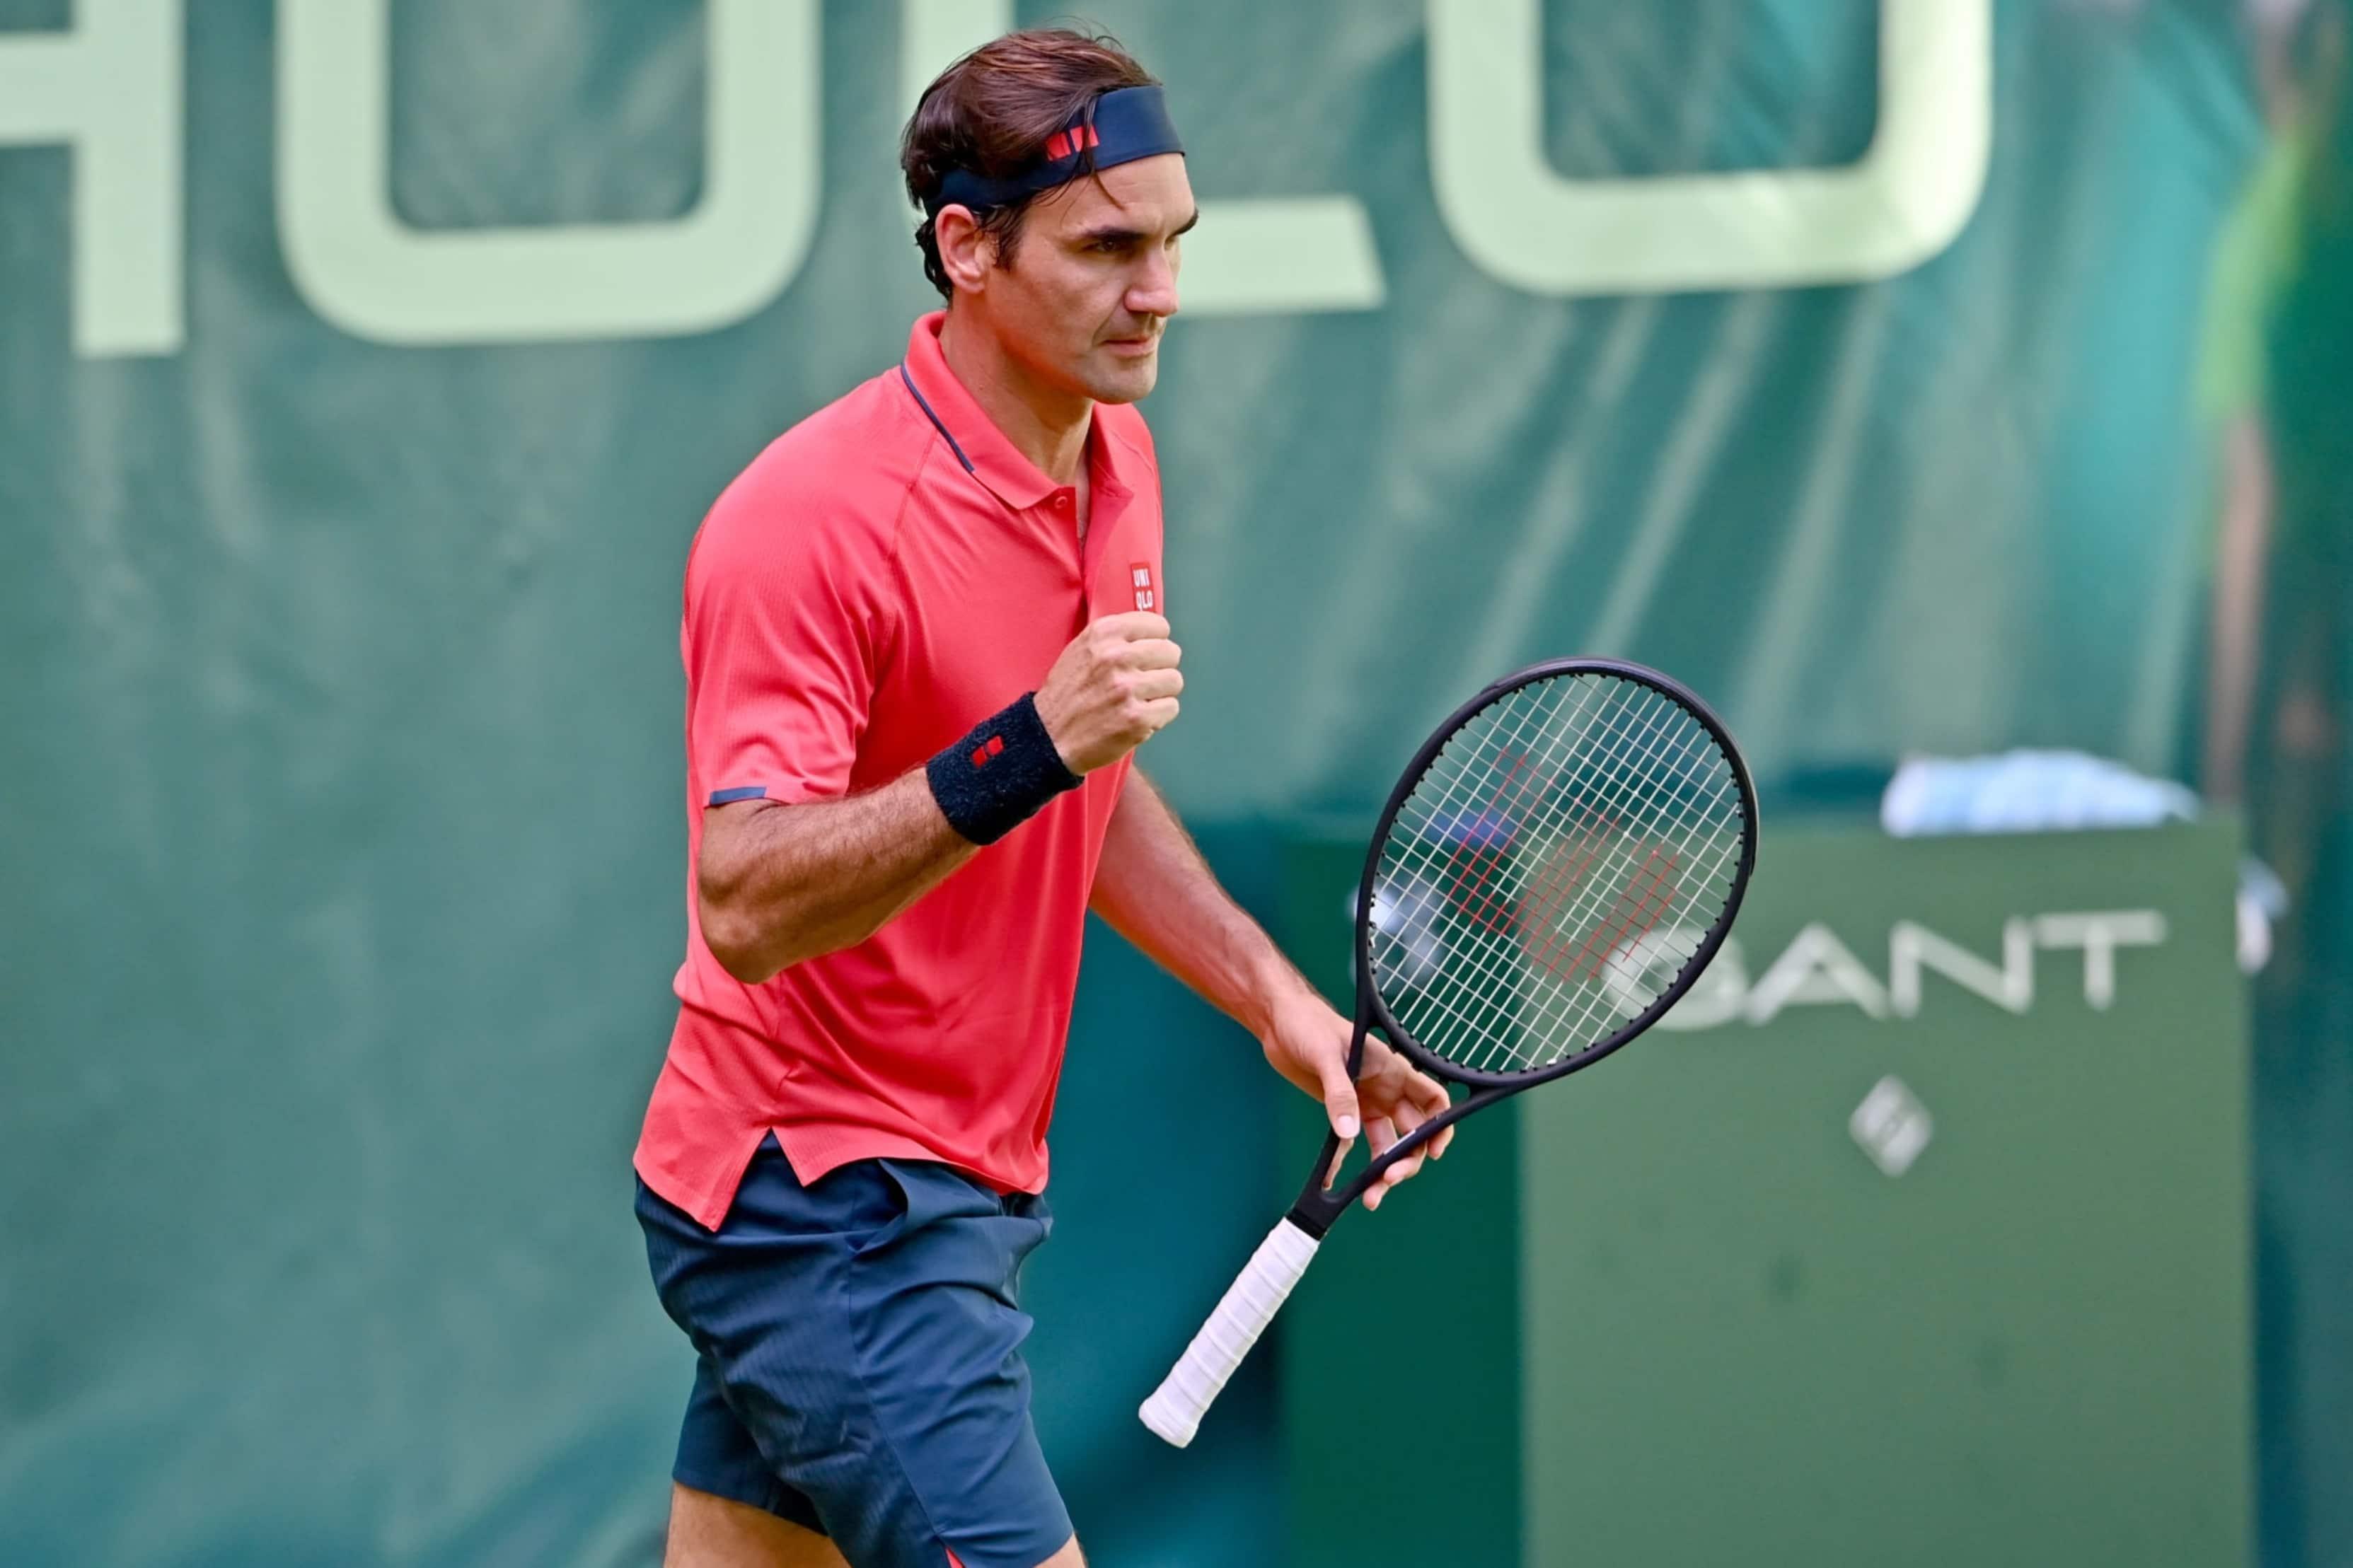 Aliassime 2-1 Federer